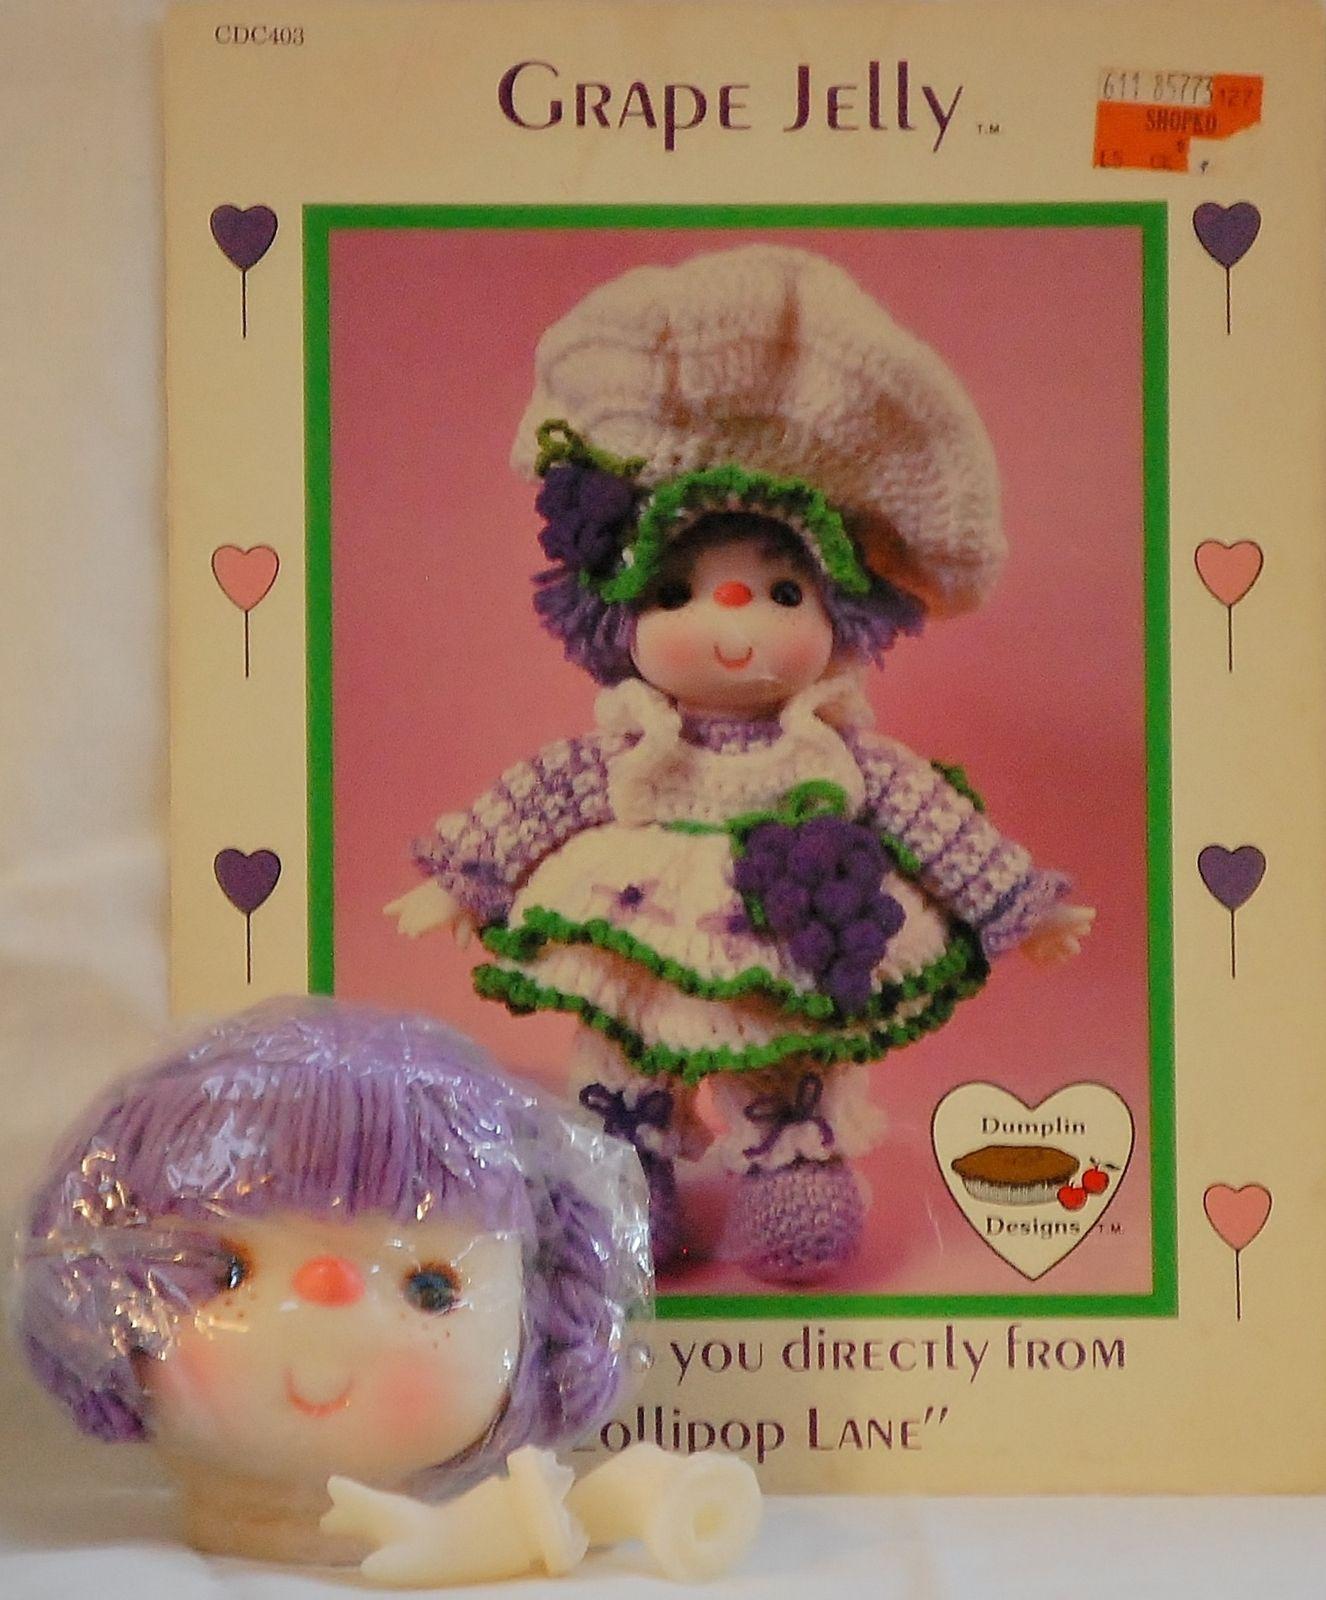 Dumplin Designs Grape Jelly Crochet Pattern Leaflet Lollipop Lane ...